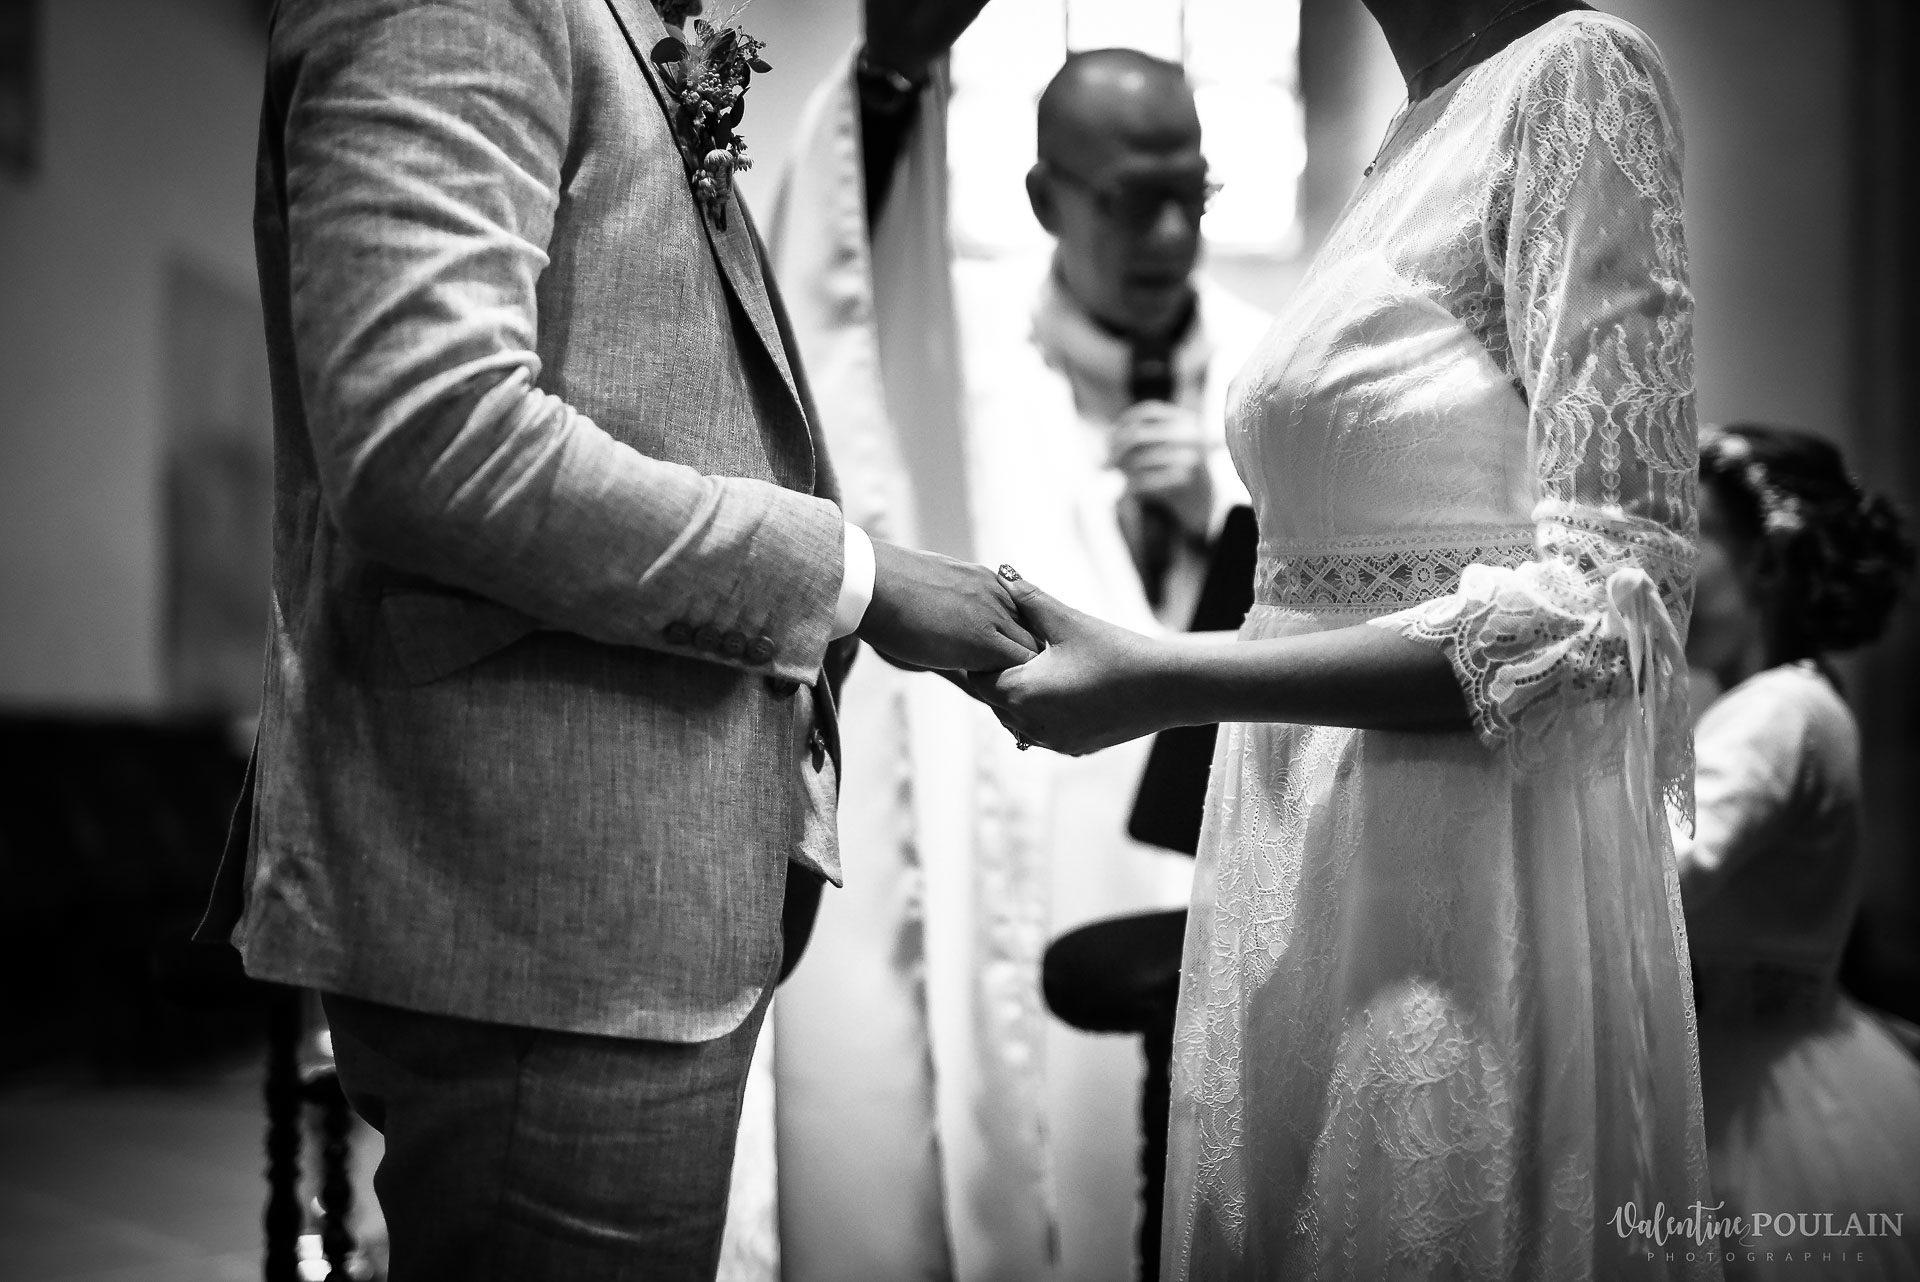 Mariage cité du train mains- Valentine Poulain